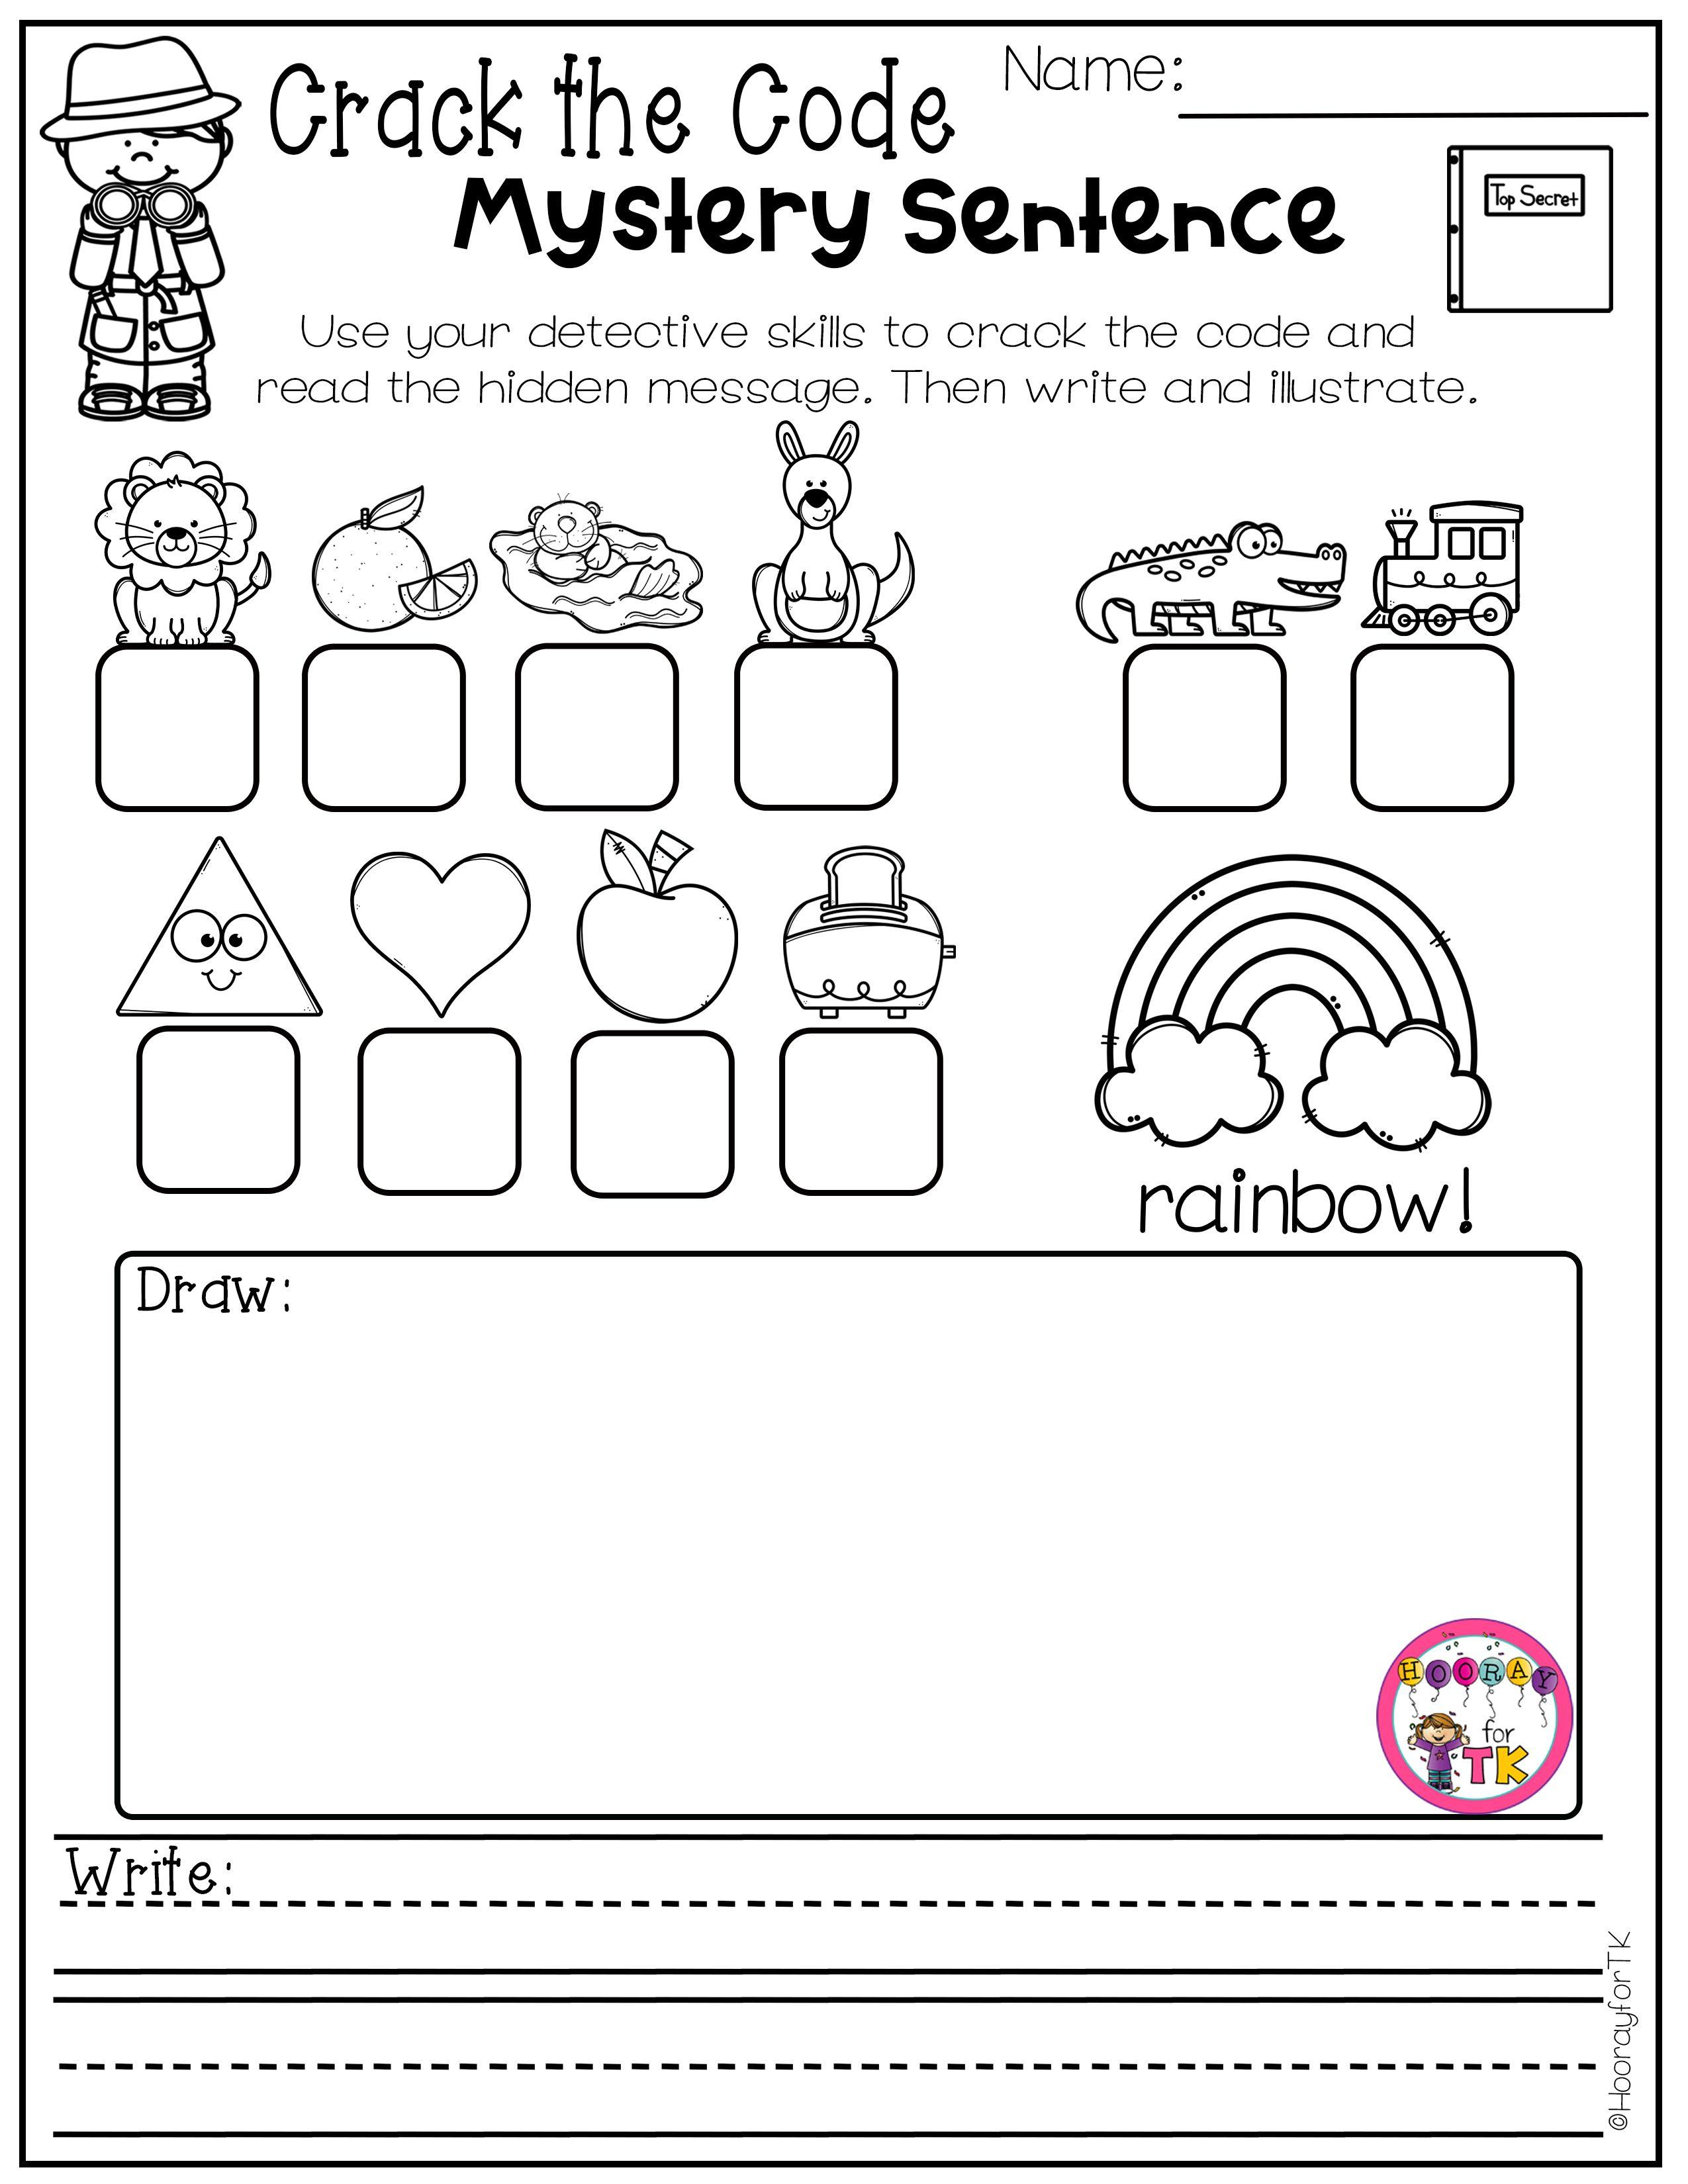 Spring Worksheets For Kids In